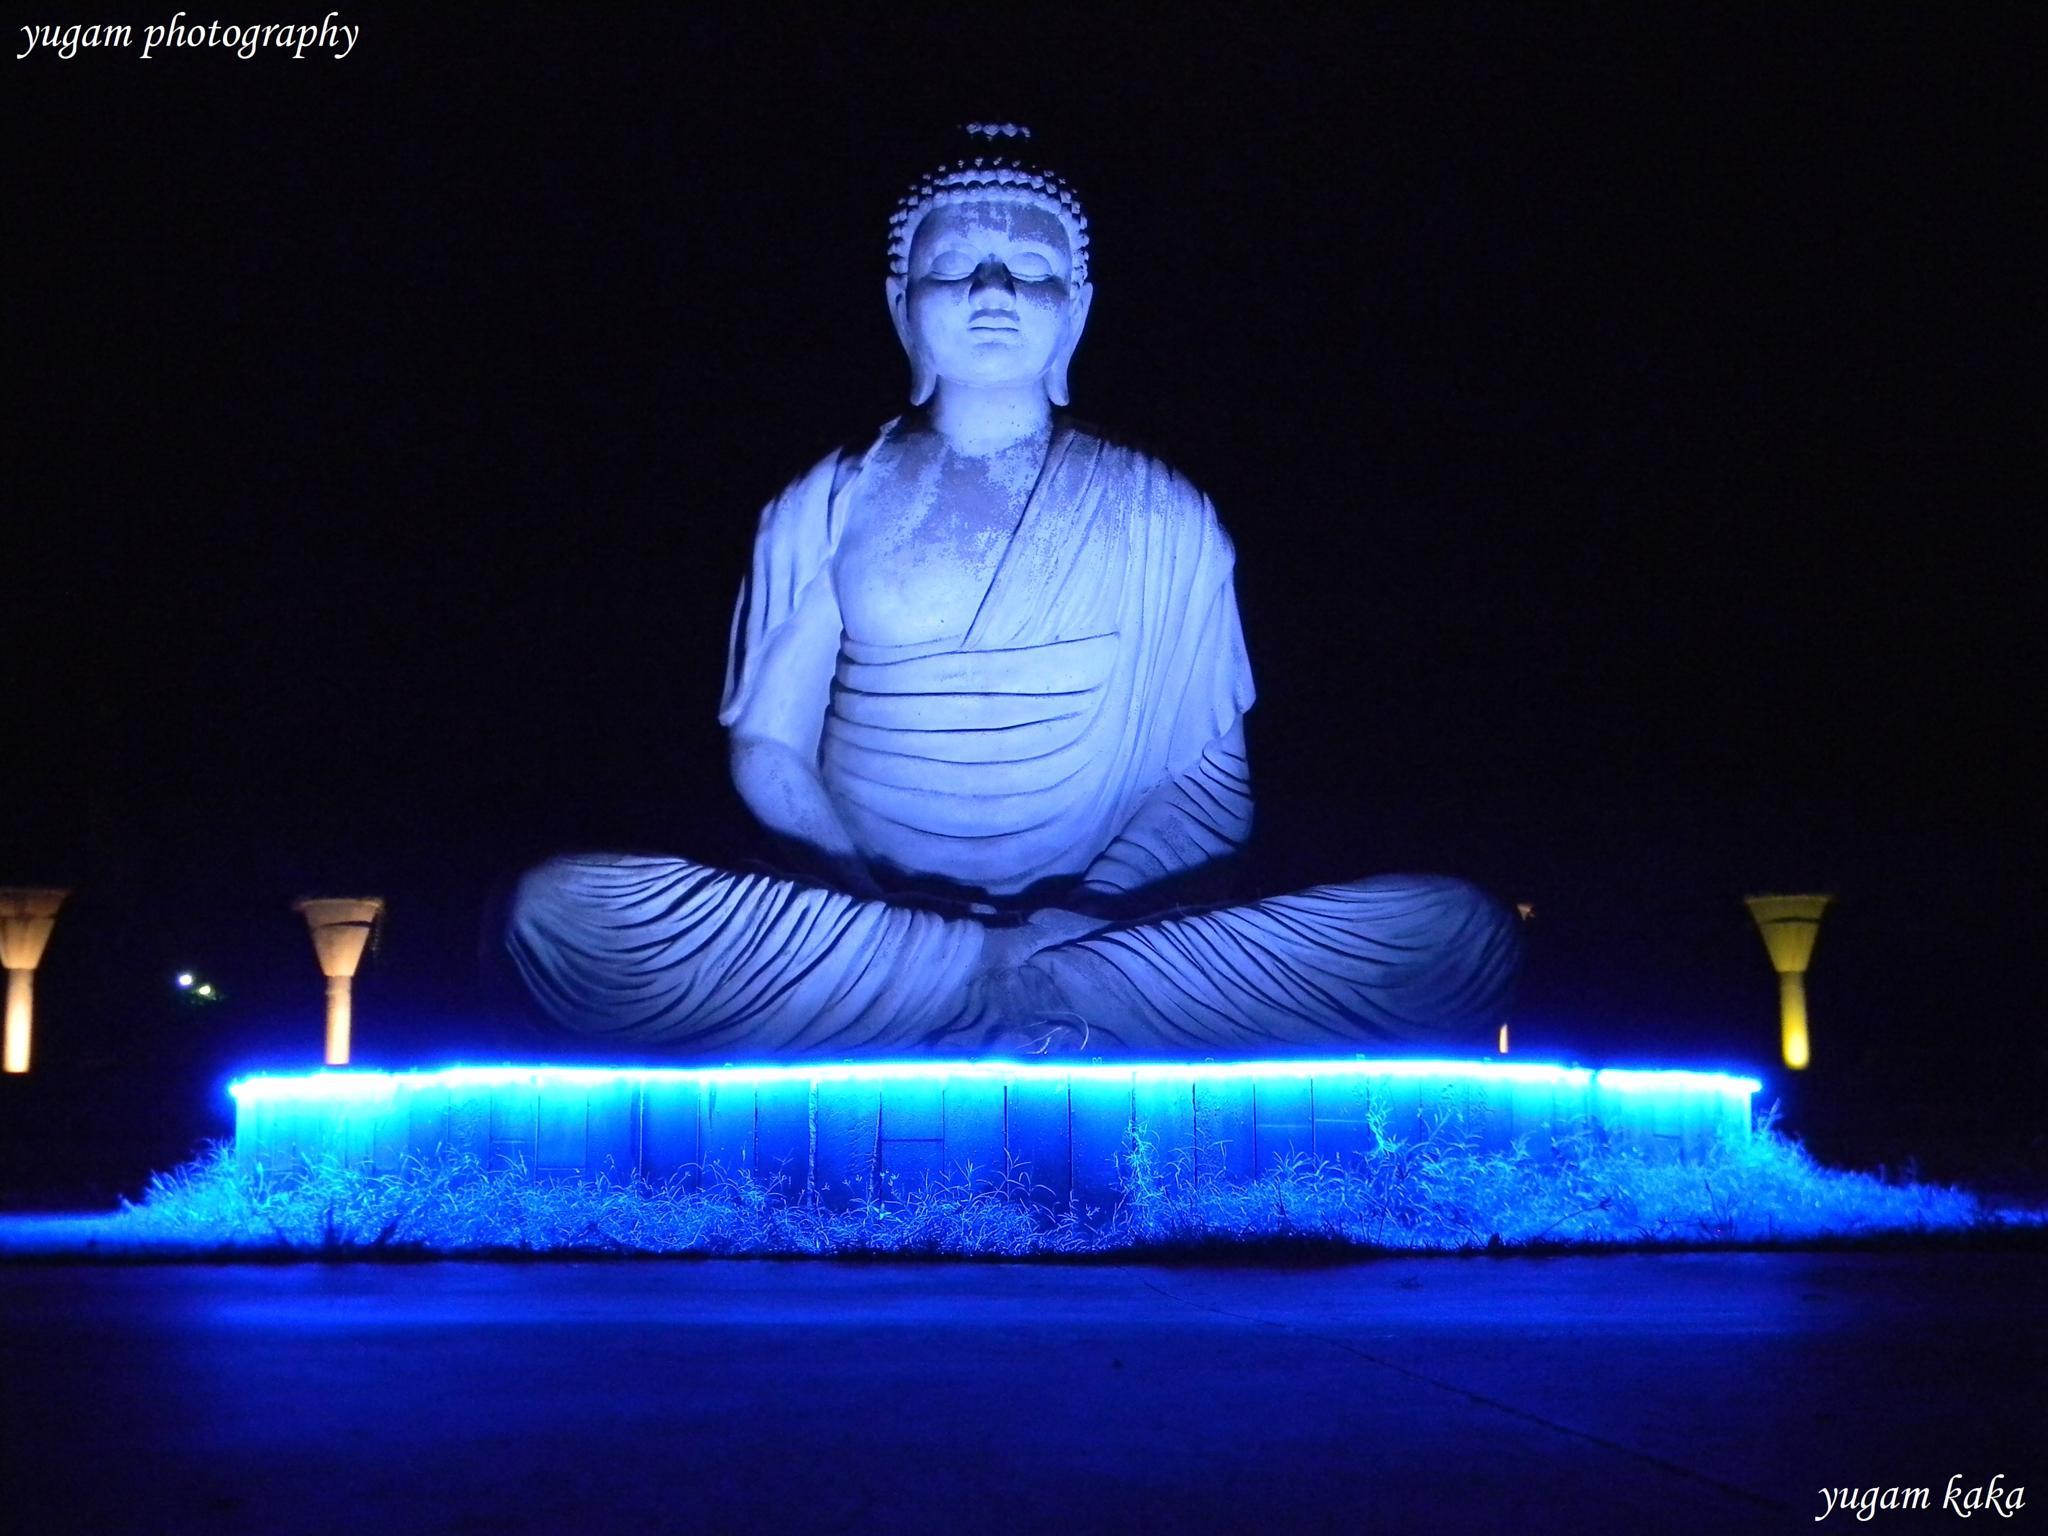 Lord Buddha  by Yugam Kaka